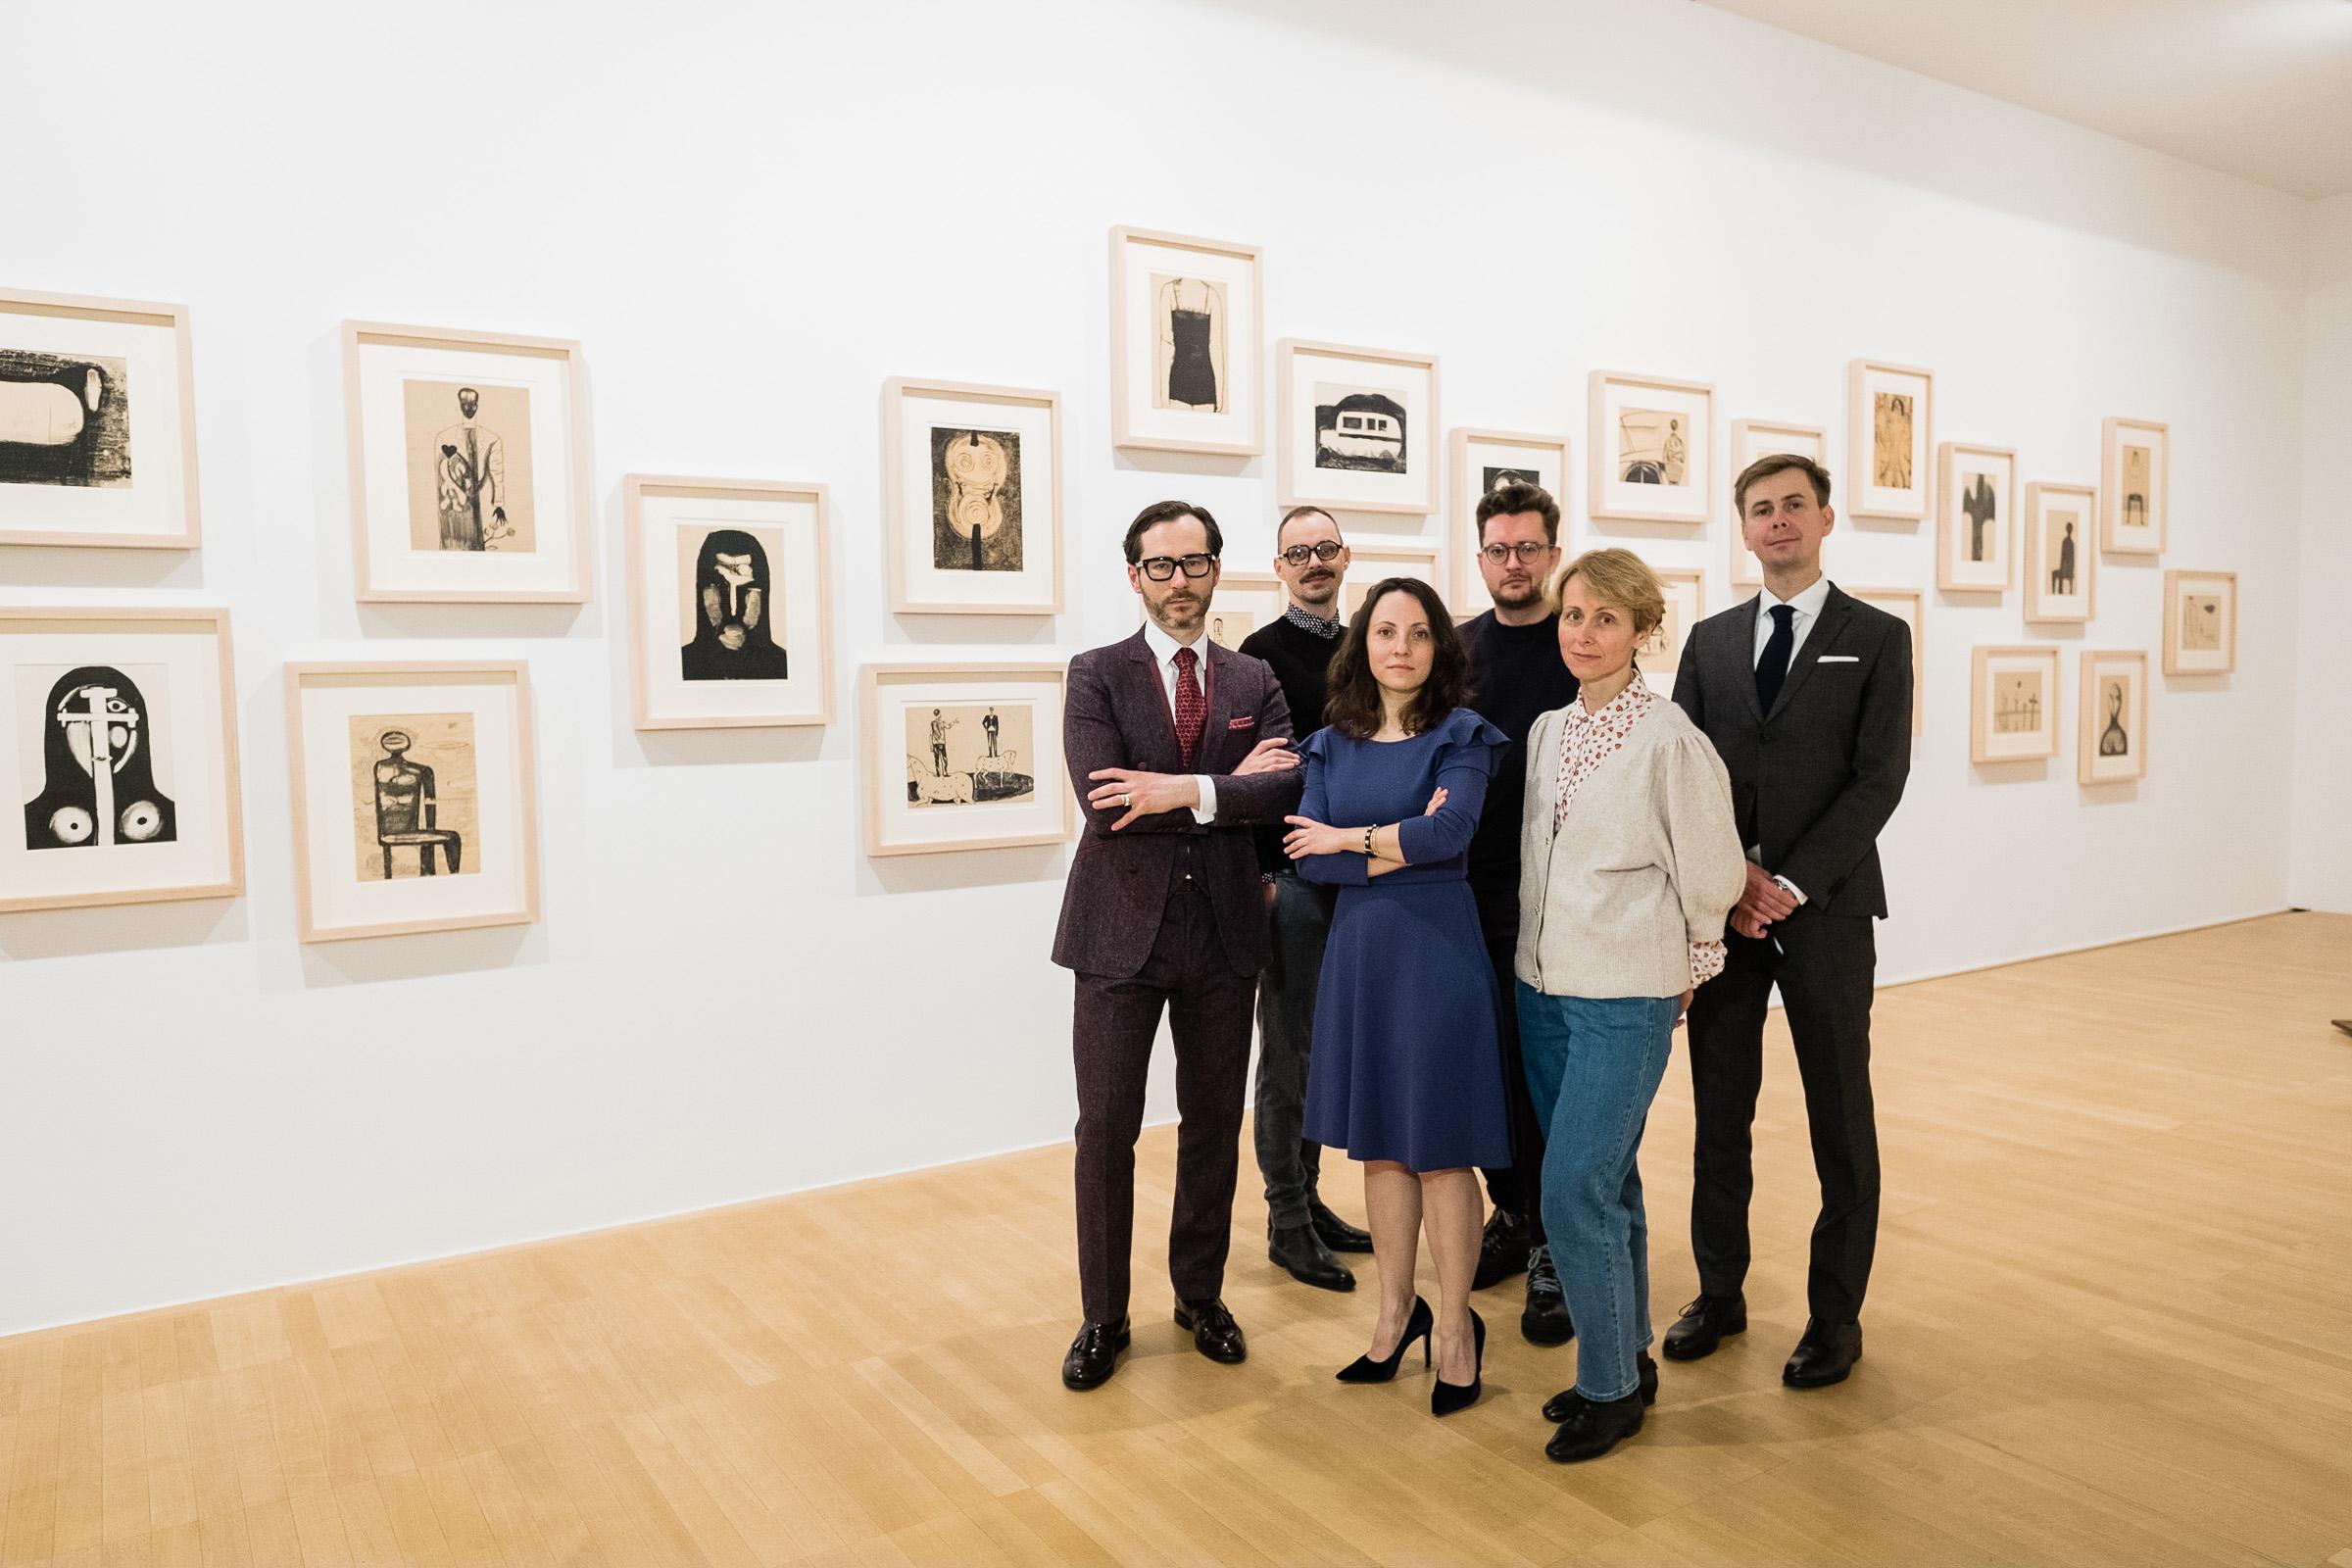 Team of Andrzej Wróblewski Foundation: Wojciech Grzybała, Marcin Sieradzki, Magdalena Ziółkowska, Kacper Czernij, Anna Krzyżanowska and Wojciech Jarosiński